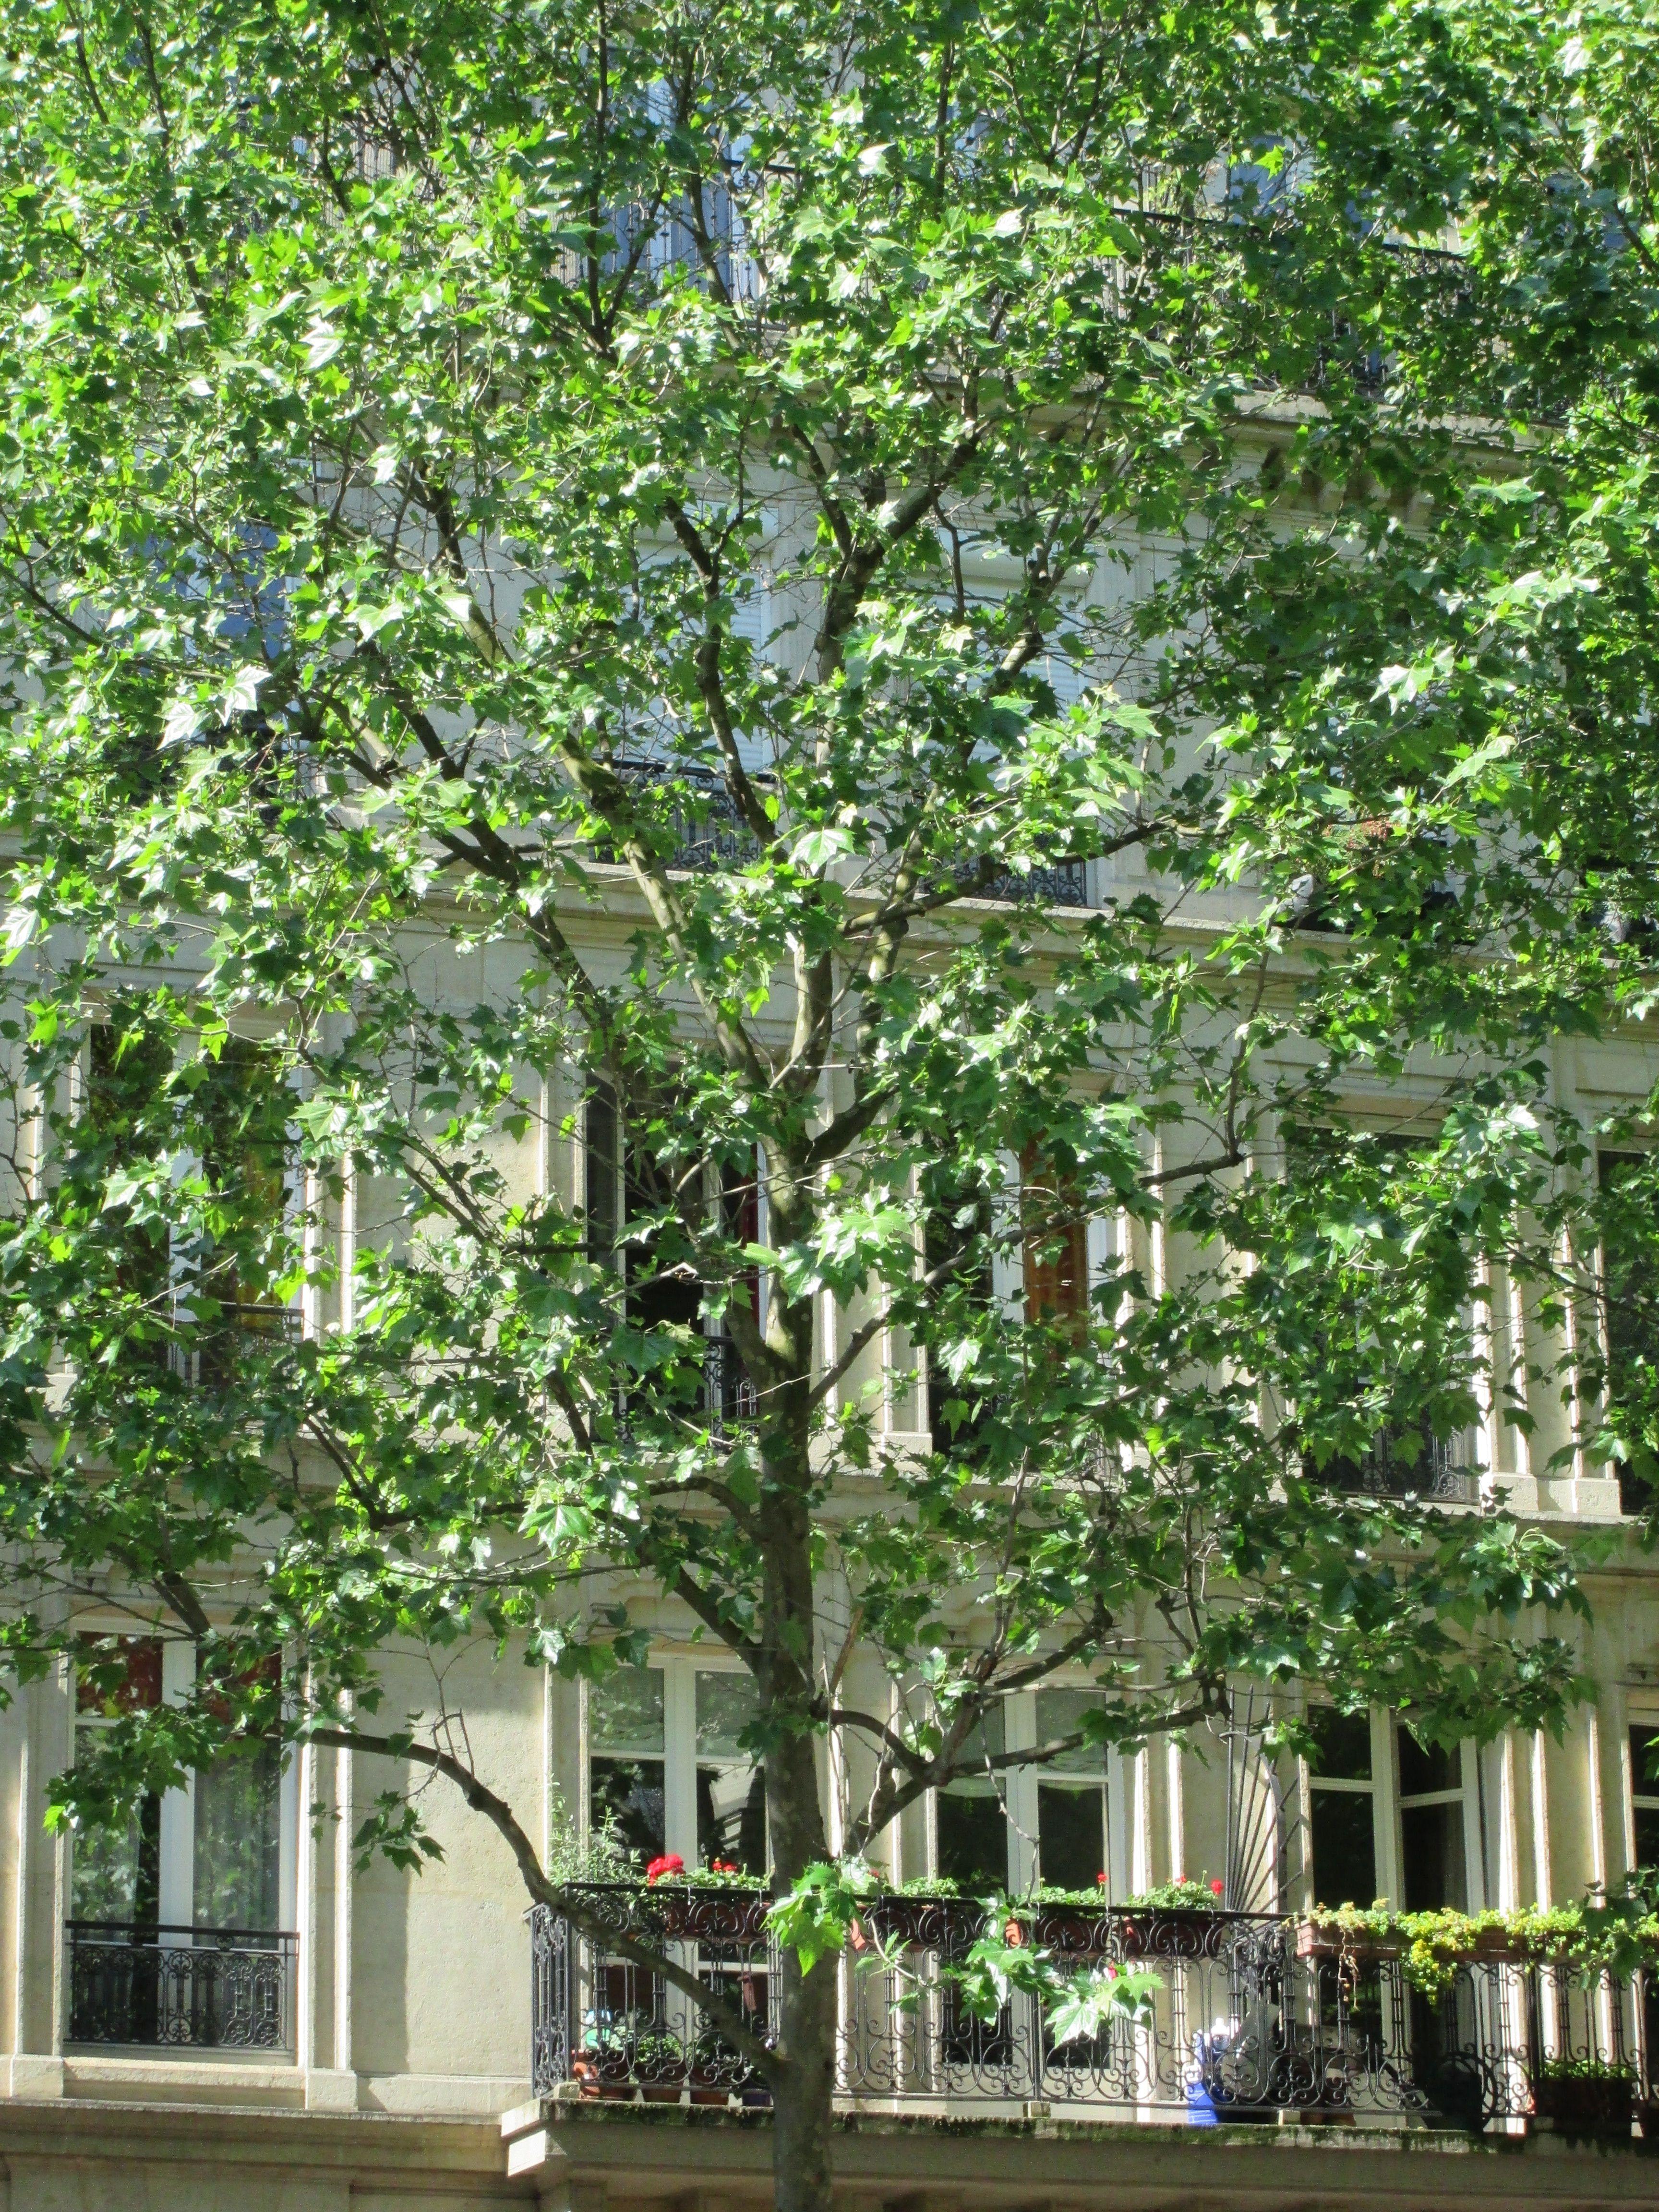 Chambre-à-louer-Paris 10ème arrondissement-XLBPARIS